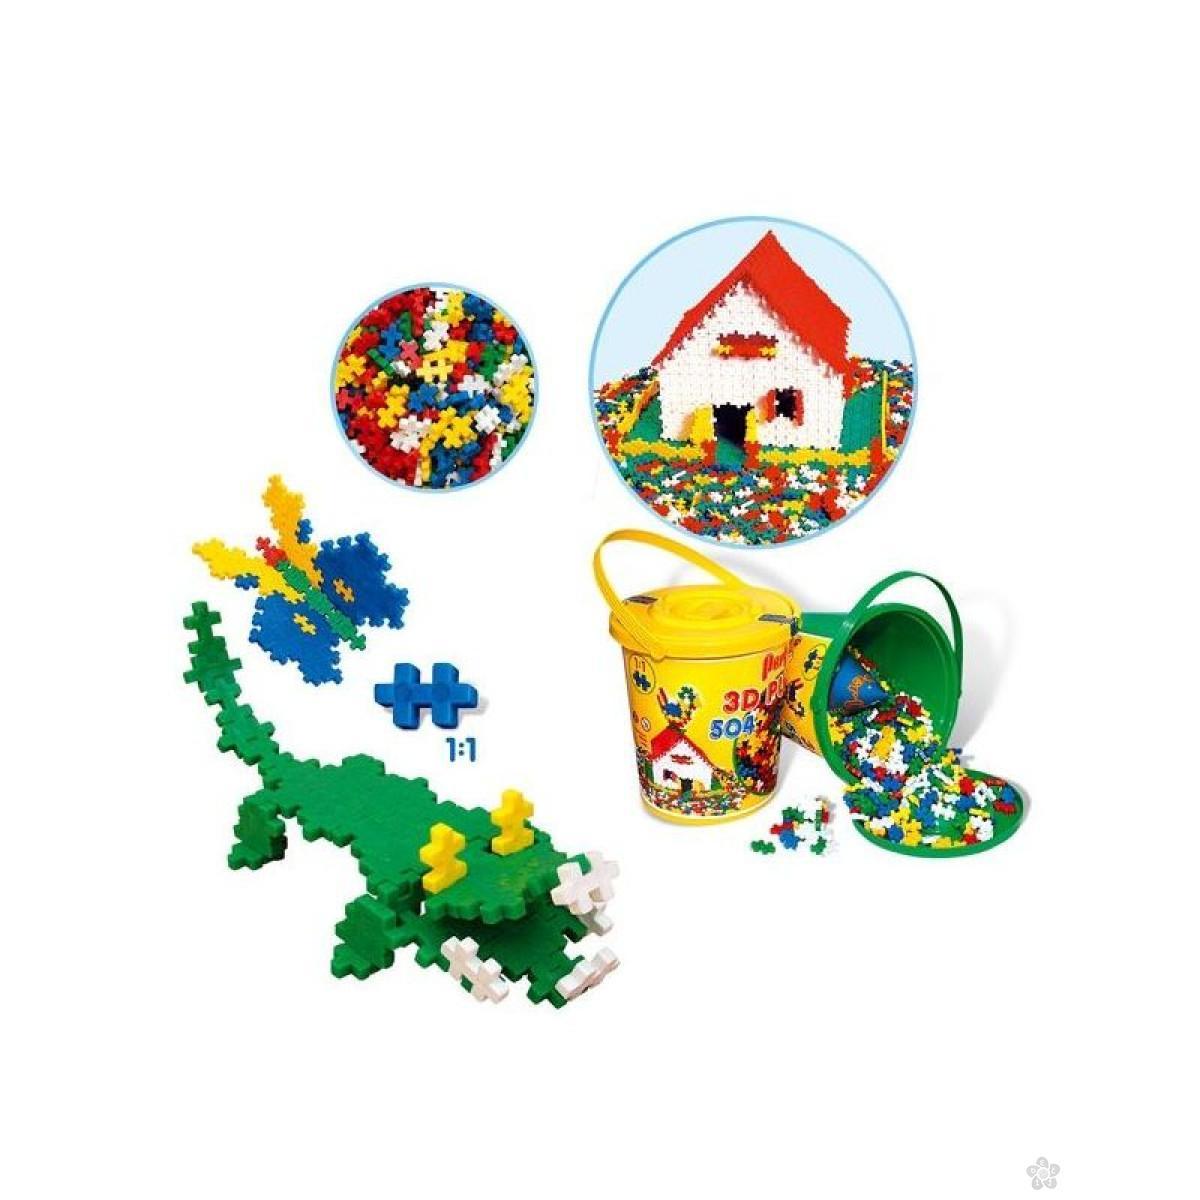 3D puzzle blocks 504, P-0137